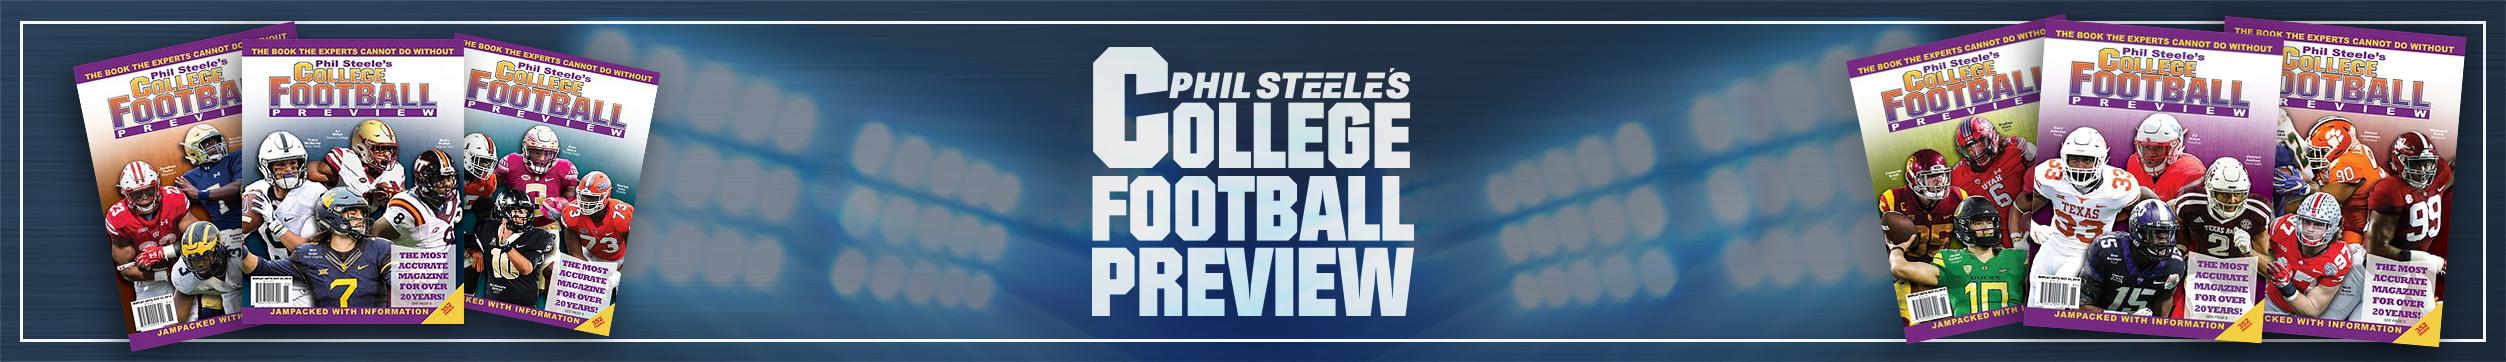 Phil Steele